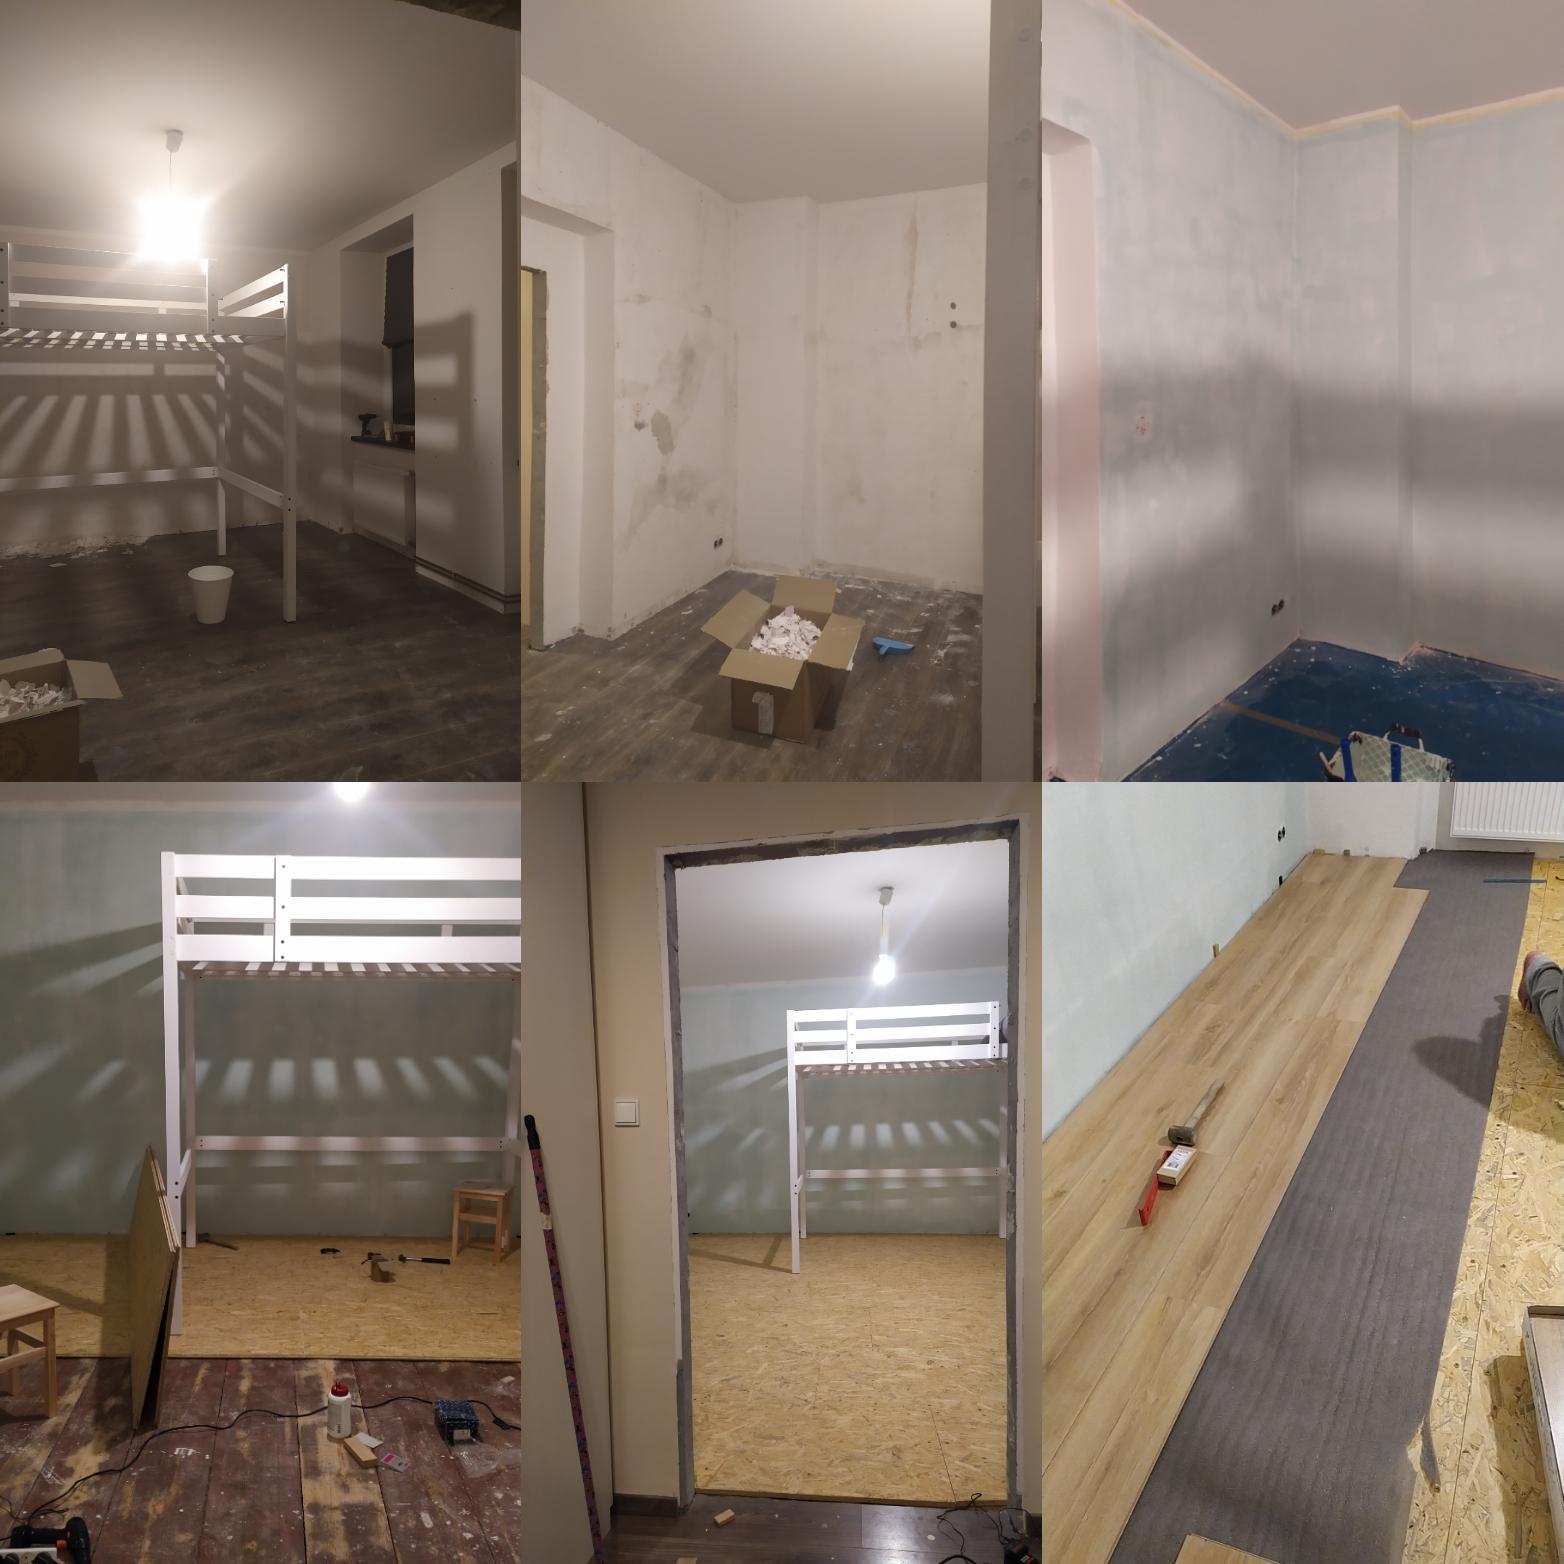 Znovu a lépe II. - Uzrál čas a v pátek začala akce pokojíček pro Emilku, která do neděle odjela na víkend k tátovi...takže vyklidit pokoj, oškrábat, sundat podlahu a udělat novou z OSB desek a plovoucí podlahy